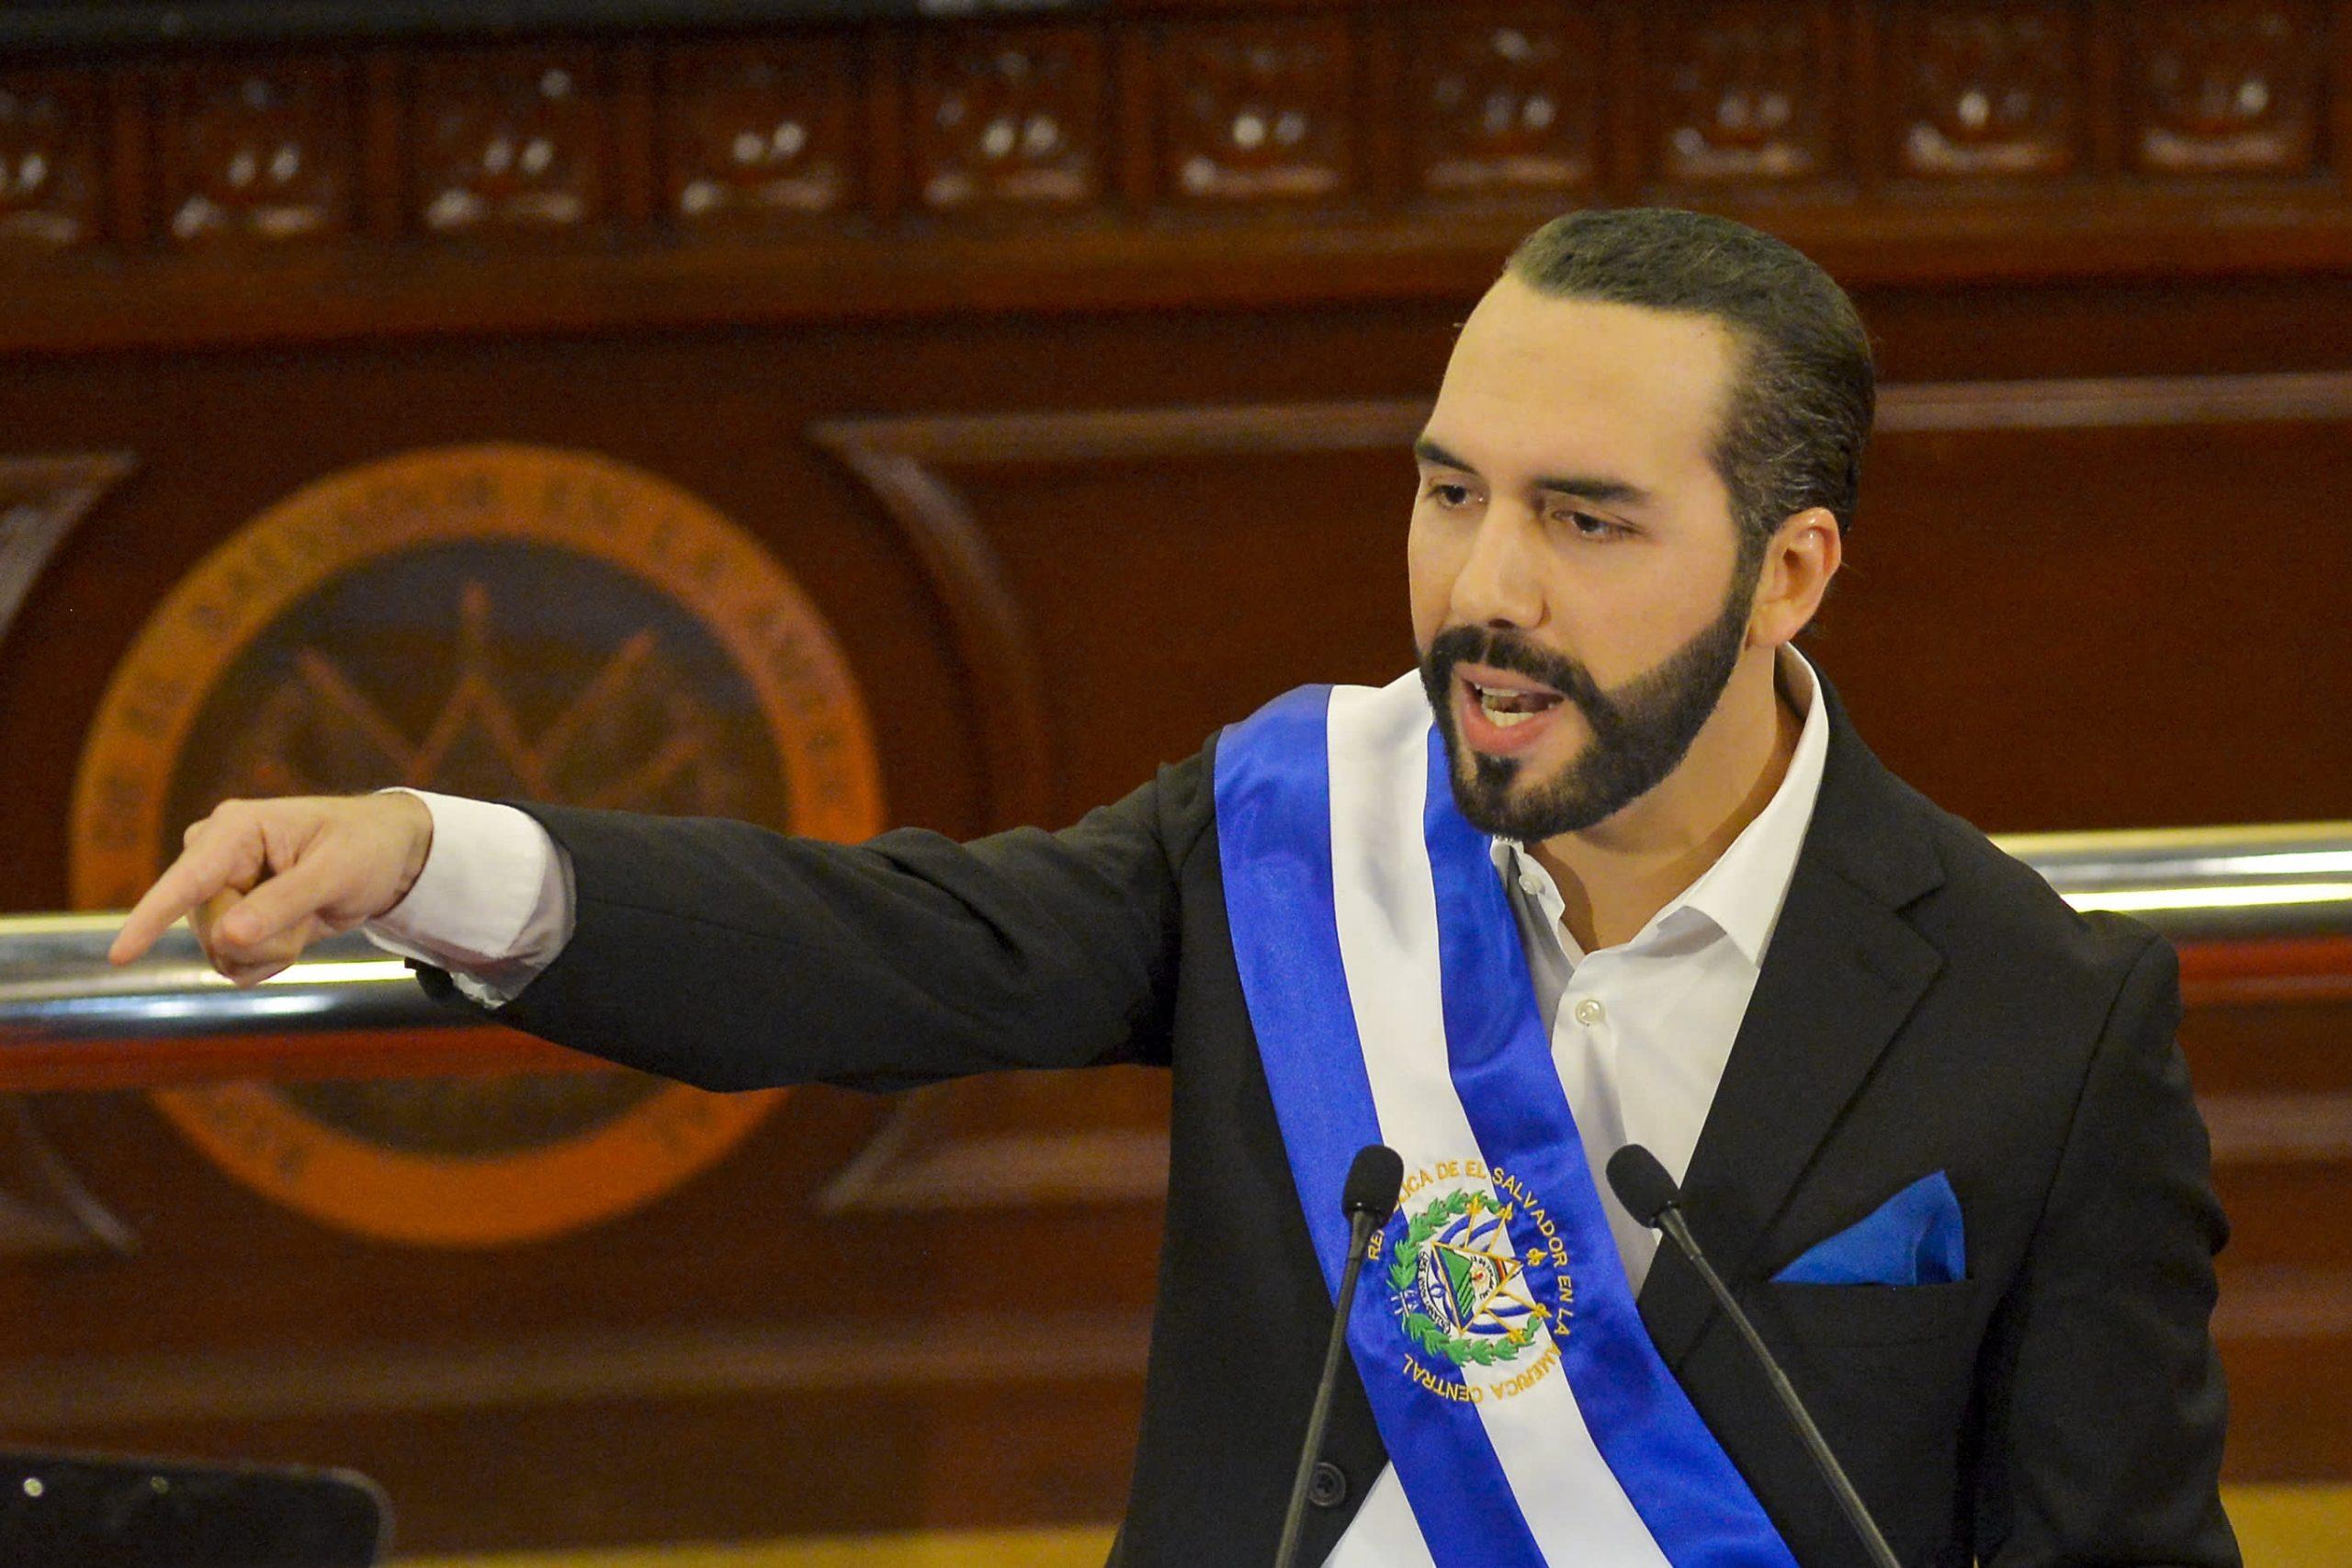 El Salvador busca convertirse en el primer país del mundo en adoptar Bitcoin como moneda de curso legal